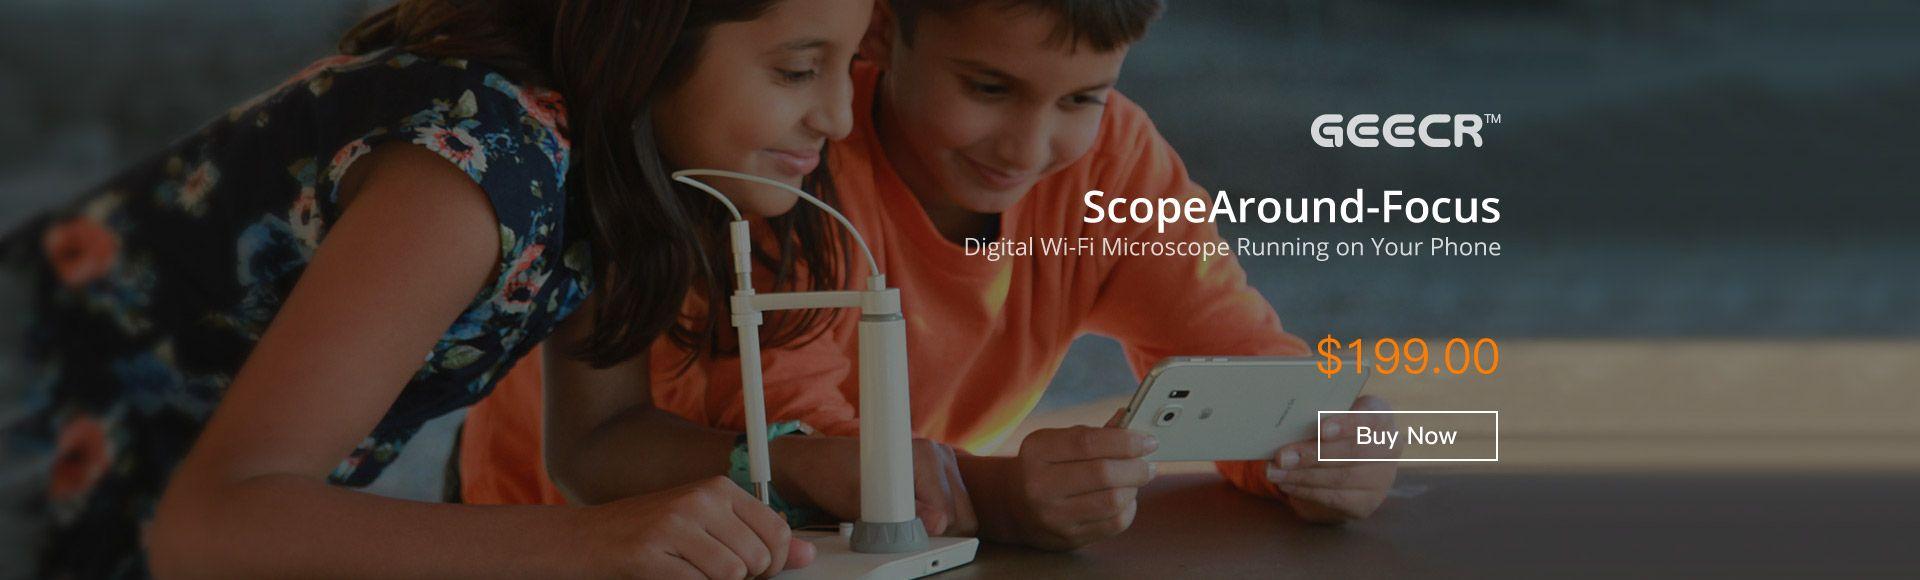 ScopeAround Focus